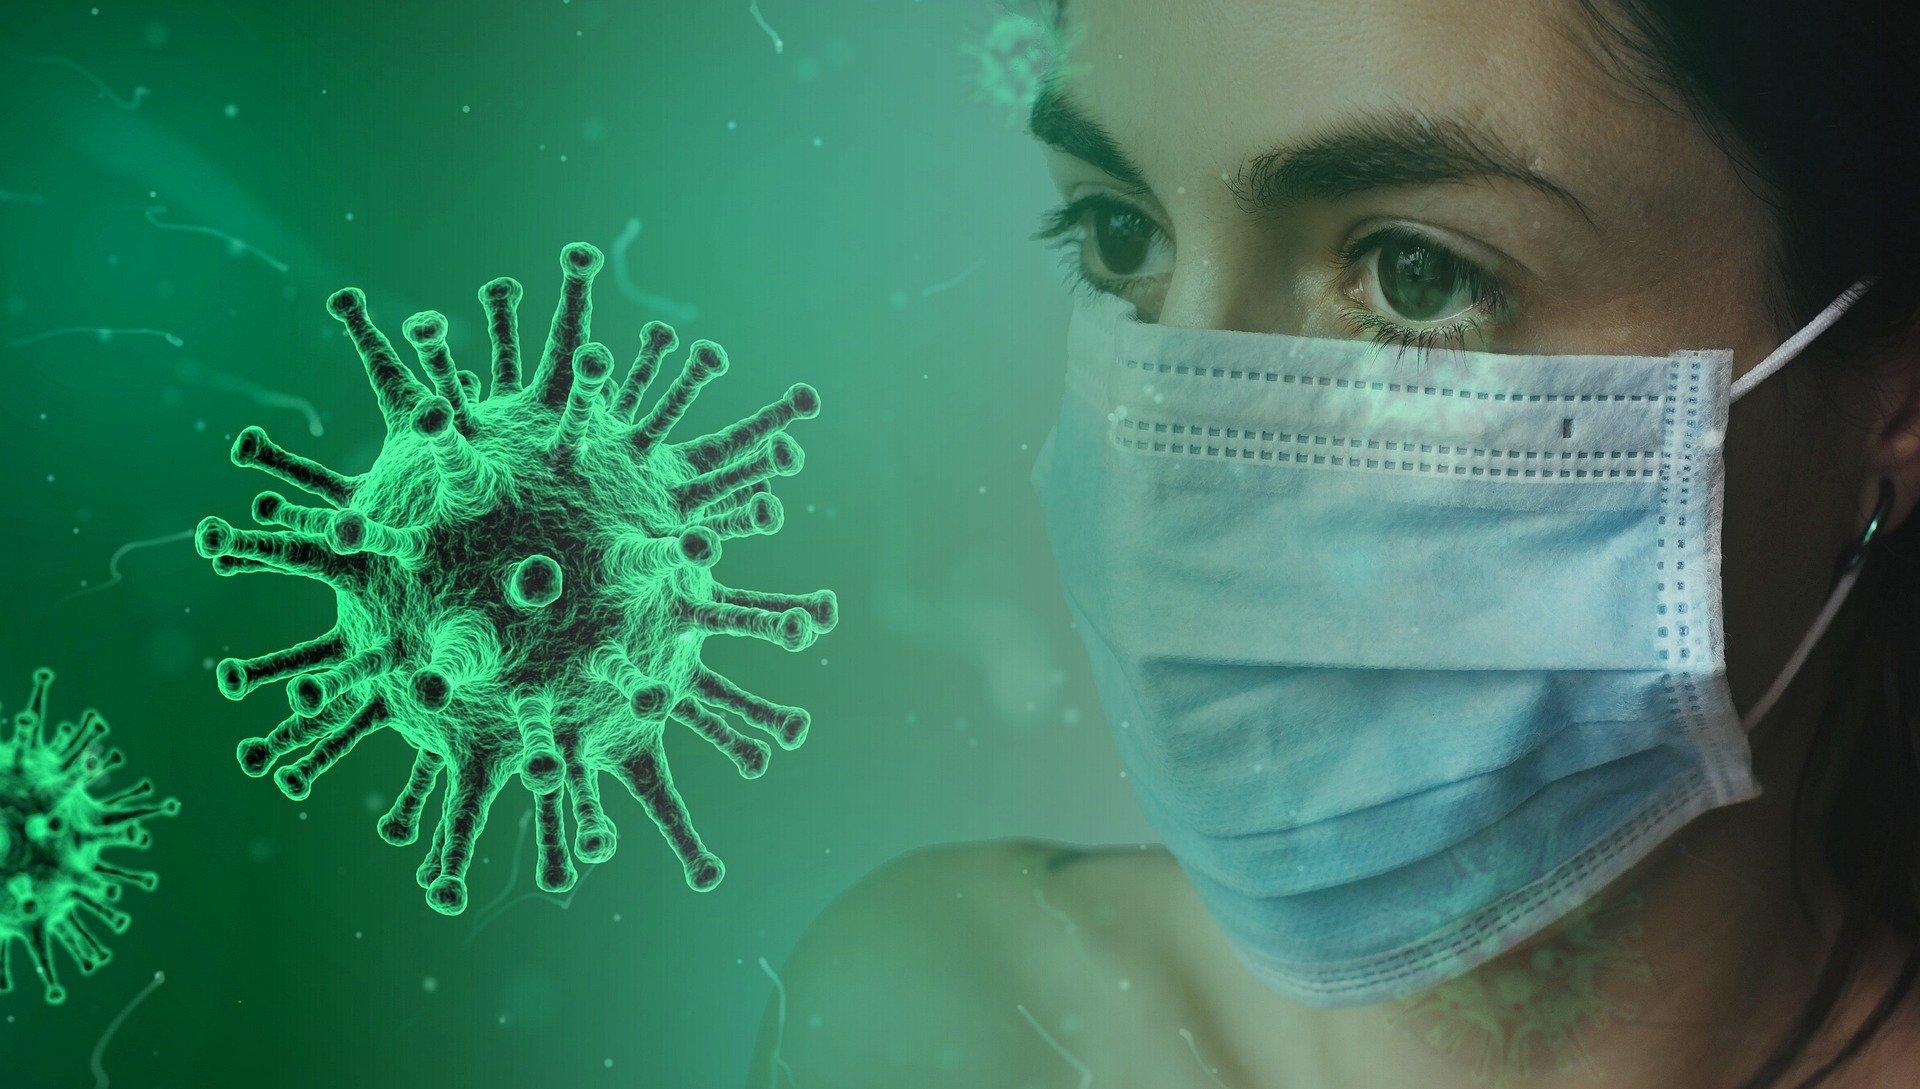 ¿Por qué el coronavirus se contagia tan rápido?